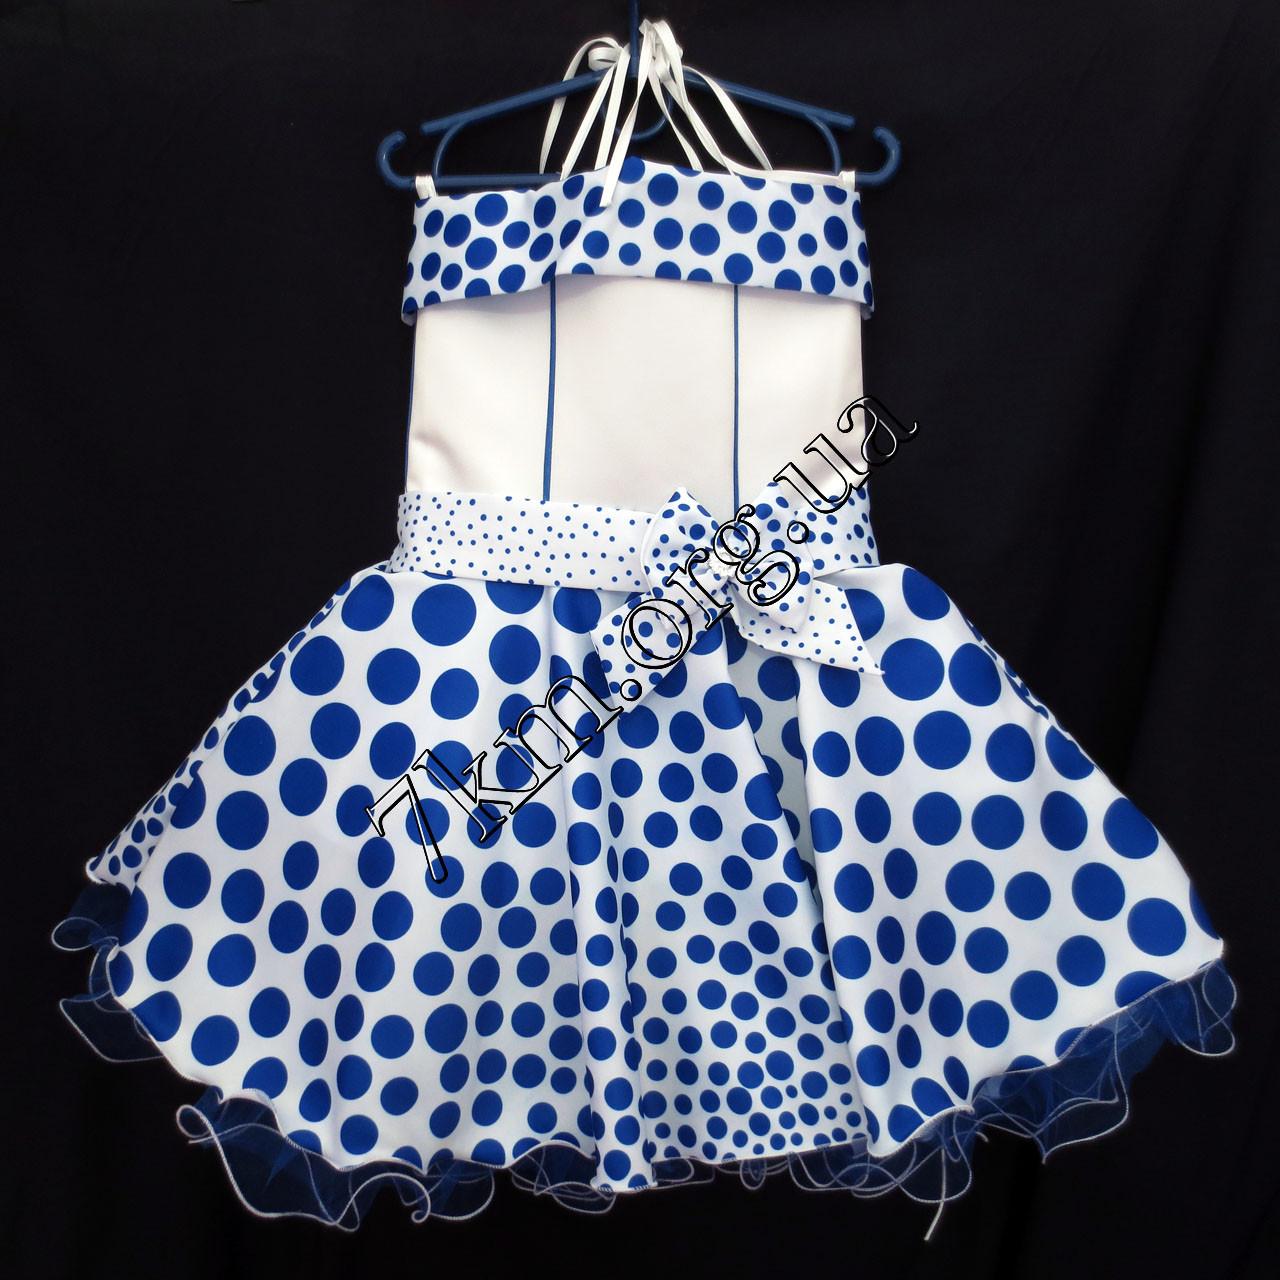 Платье нарядное бальное детское 6 лет Стиляга синий горох Украина оптом.